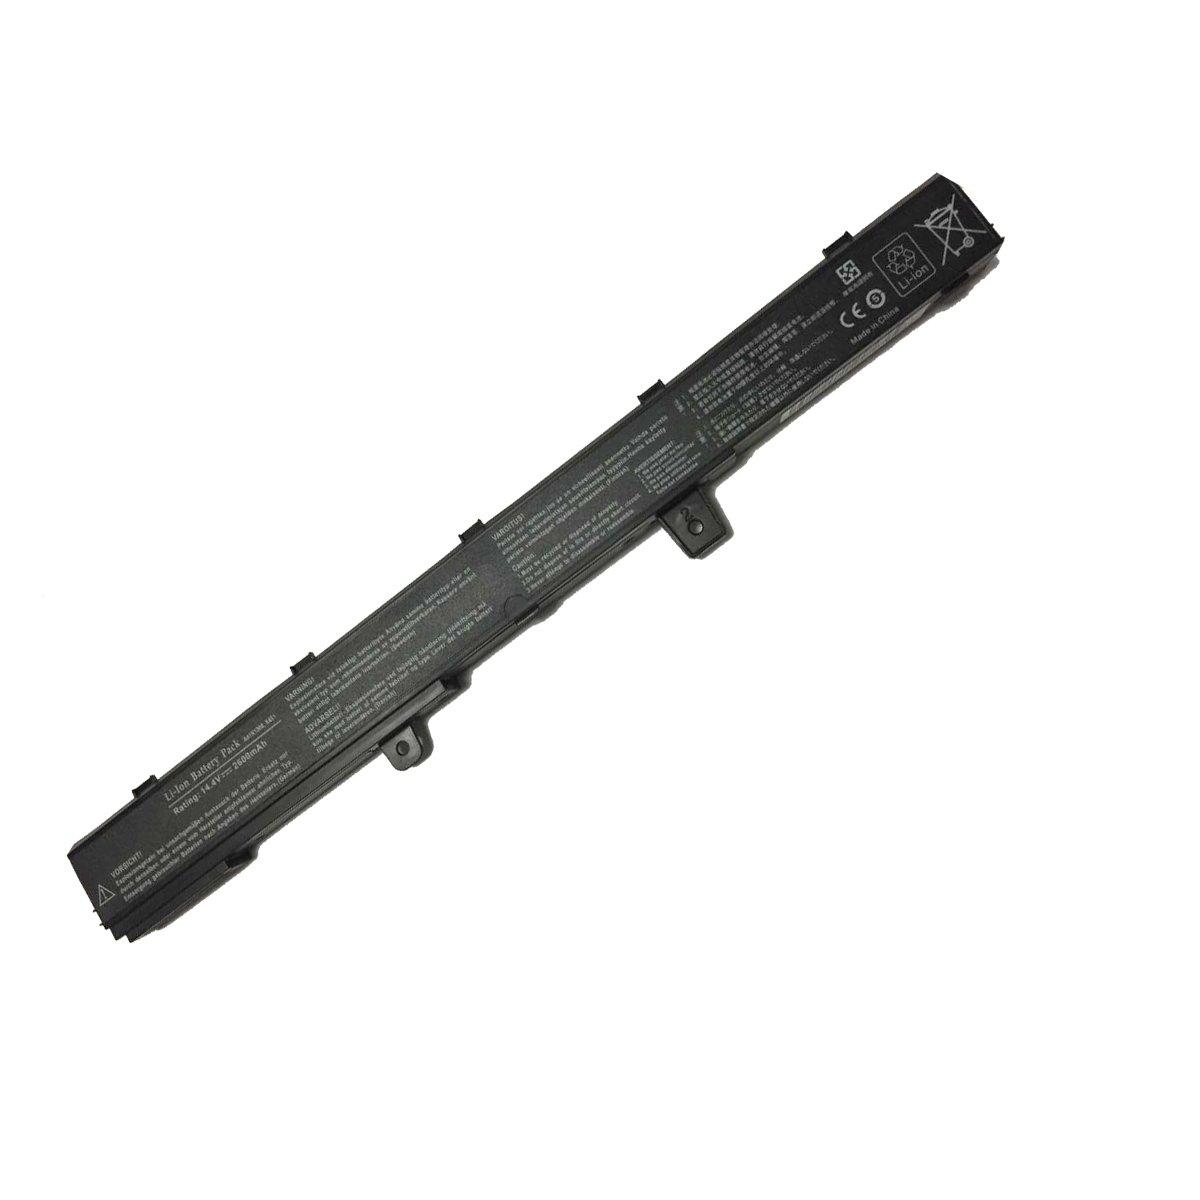 Bateria Para Asus X551 X551c X551ca X551m X551ma Series A41 D550 0b110-00250100 A31n1319 A41n1308